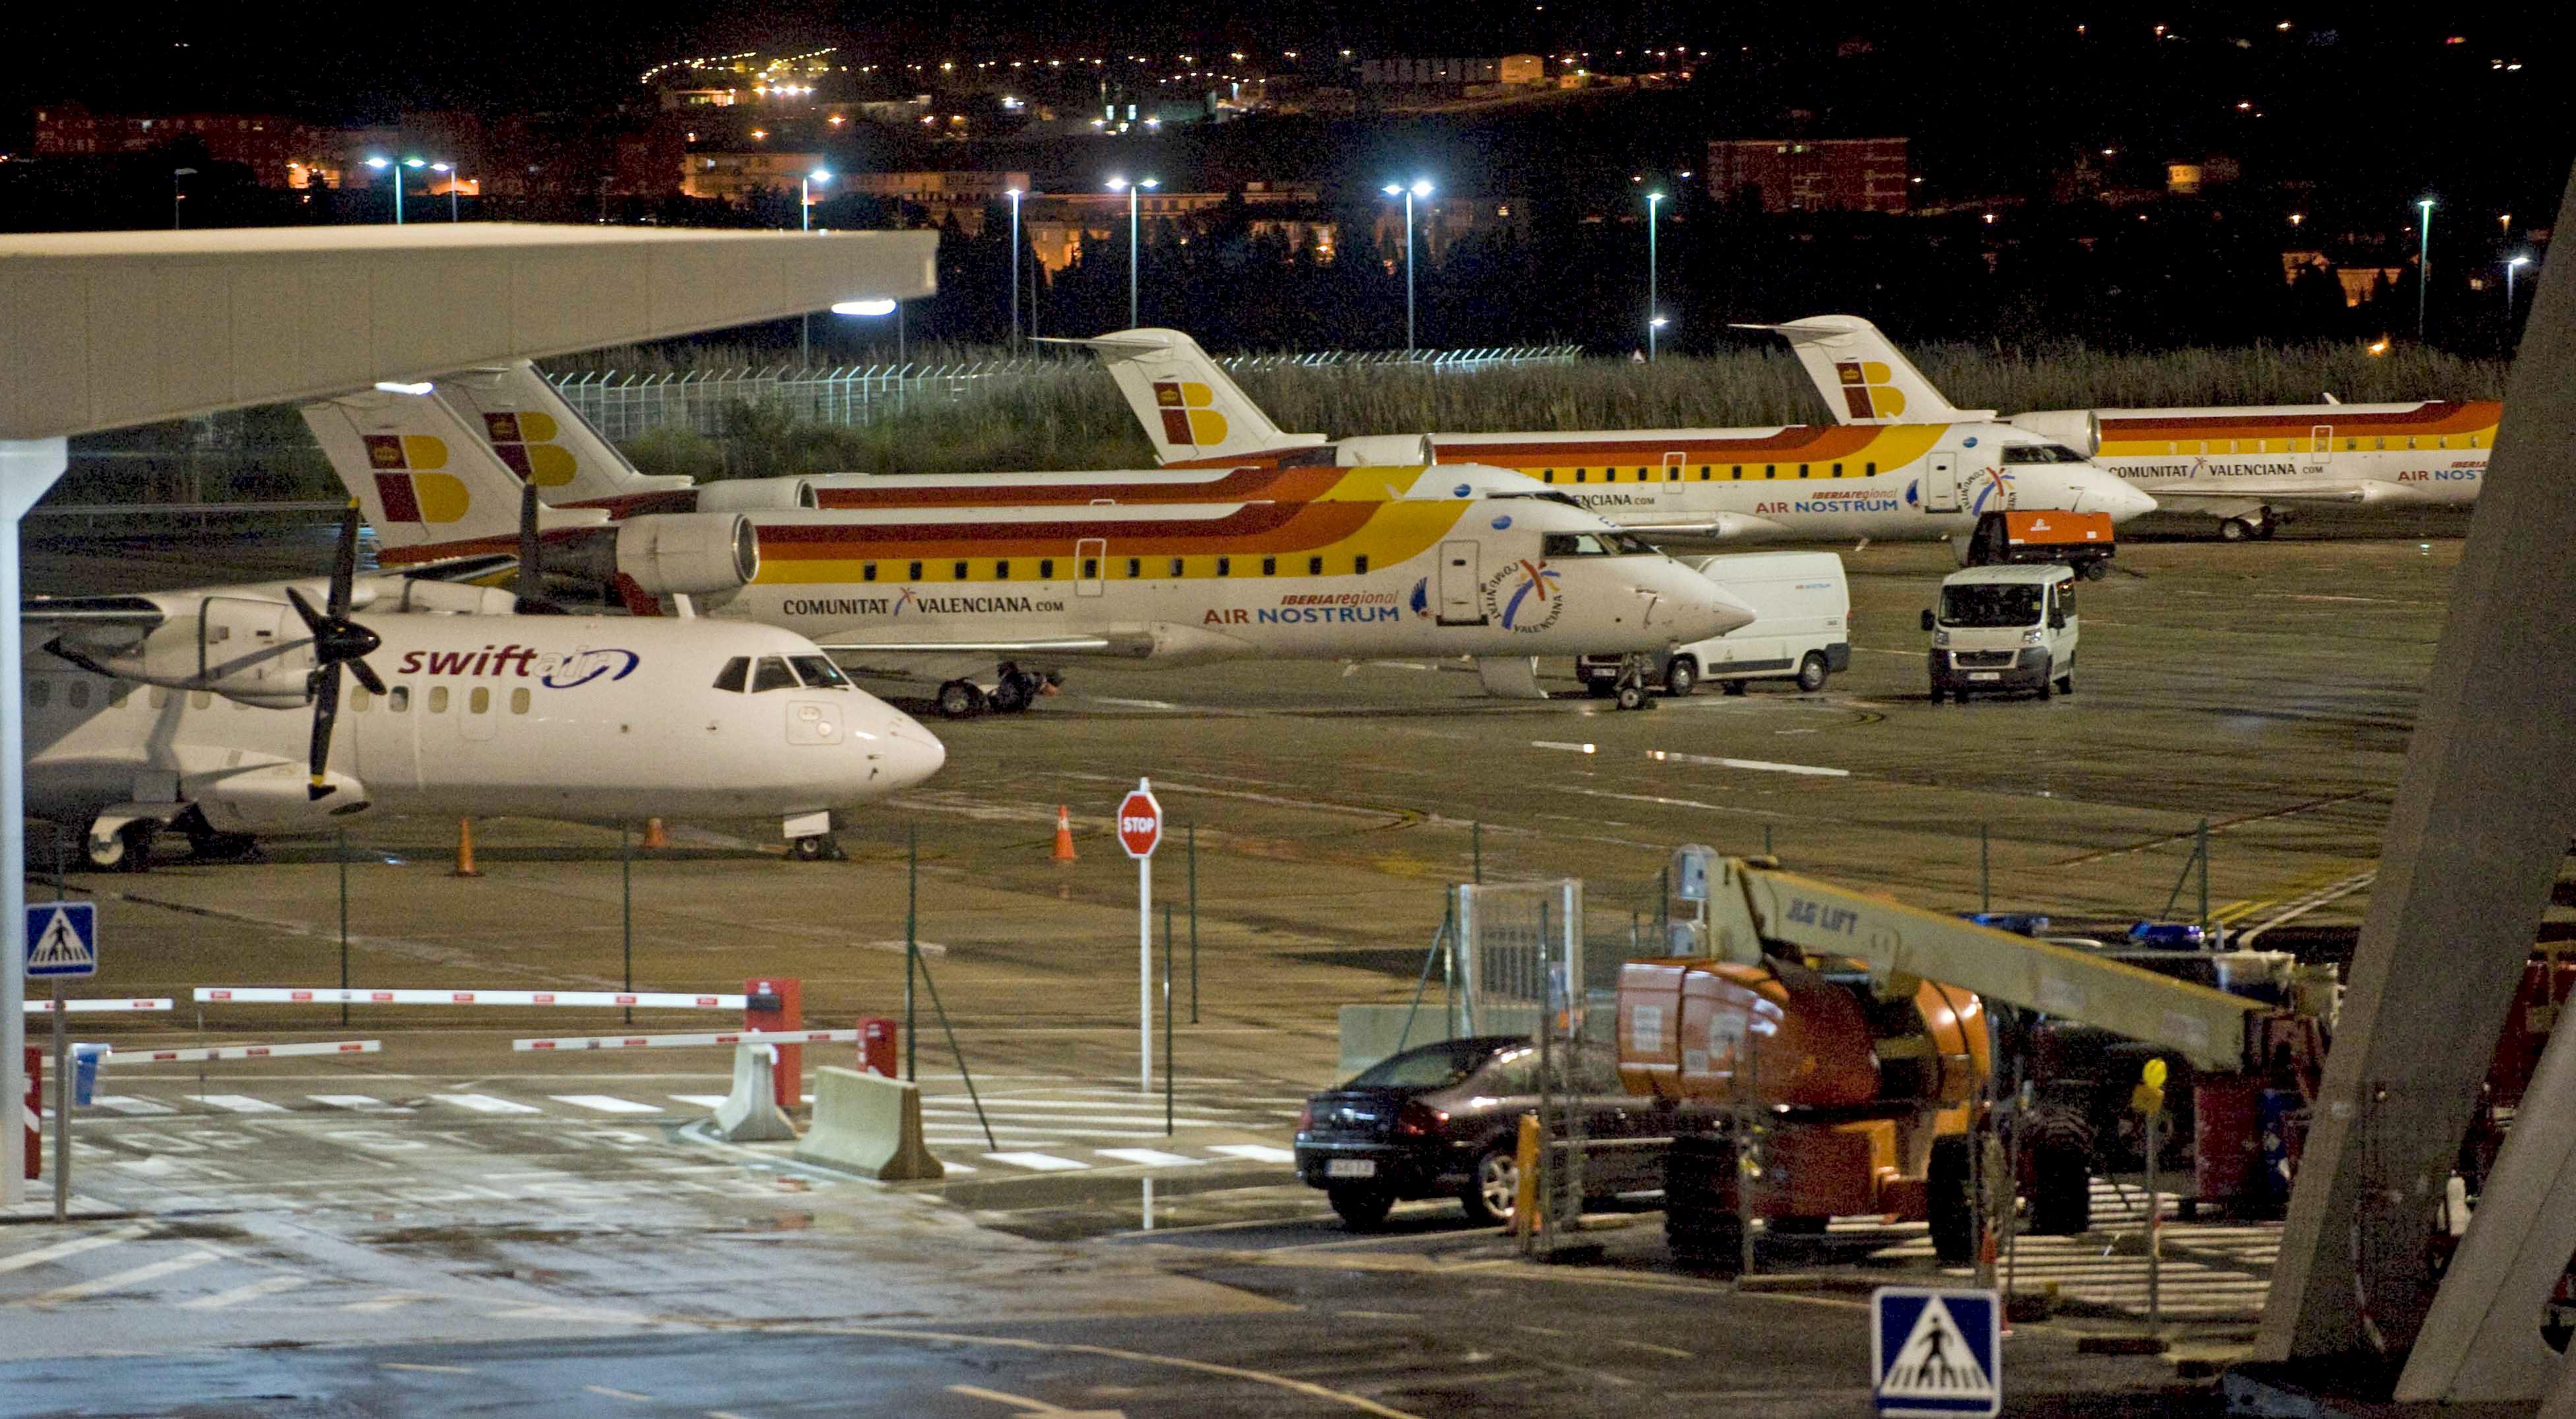 VIZ08. VIZCAYA, 03/12/2010.- La flota de aviones en el Aeropuerto de Loiu (Vizcaya) permanece inmovilizada a consecuencia de la baja masiva de controladores aéreos, que ha colapsado el tráfico aéreo de la península. EFE/MIGUEL TOÑA